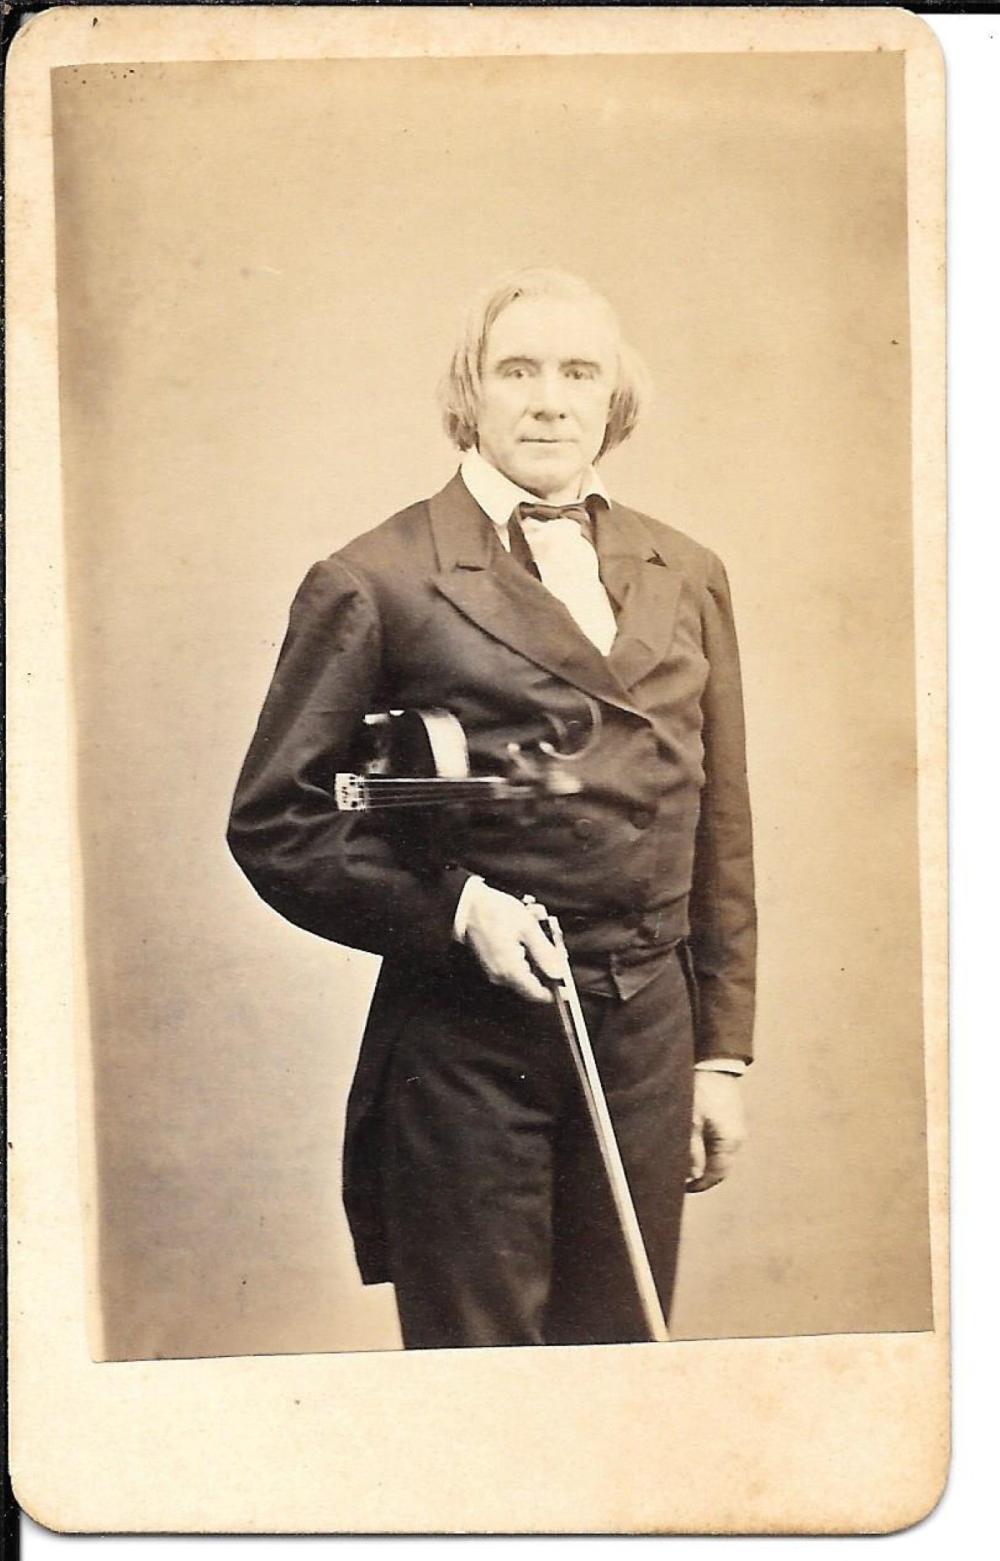 Concert violinist, 1870s CDV